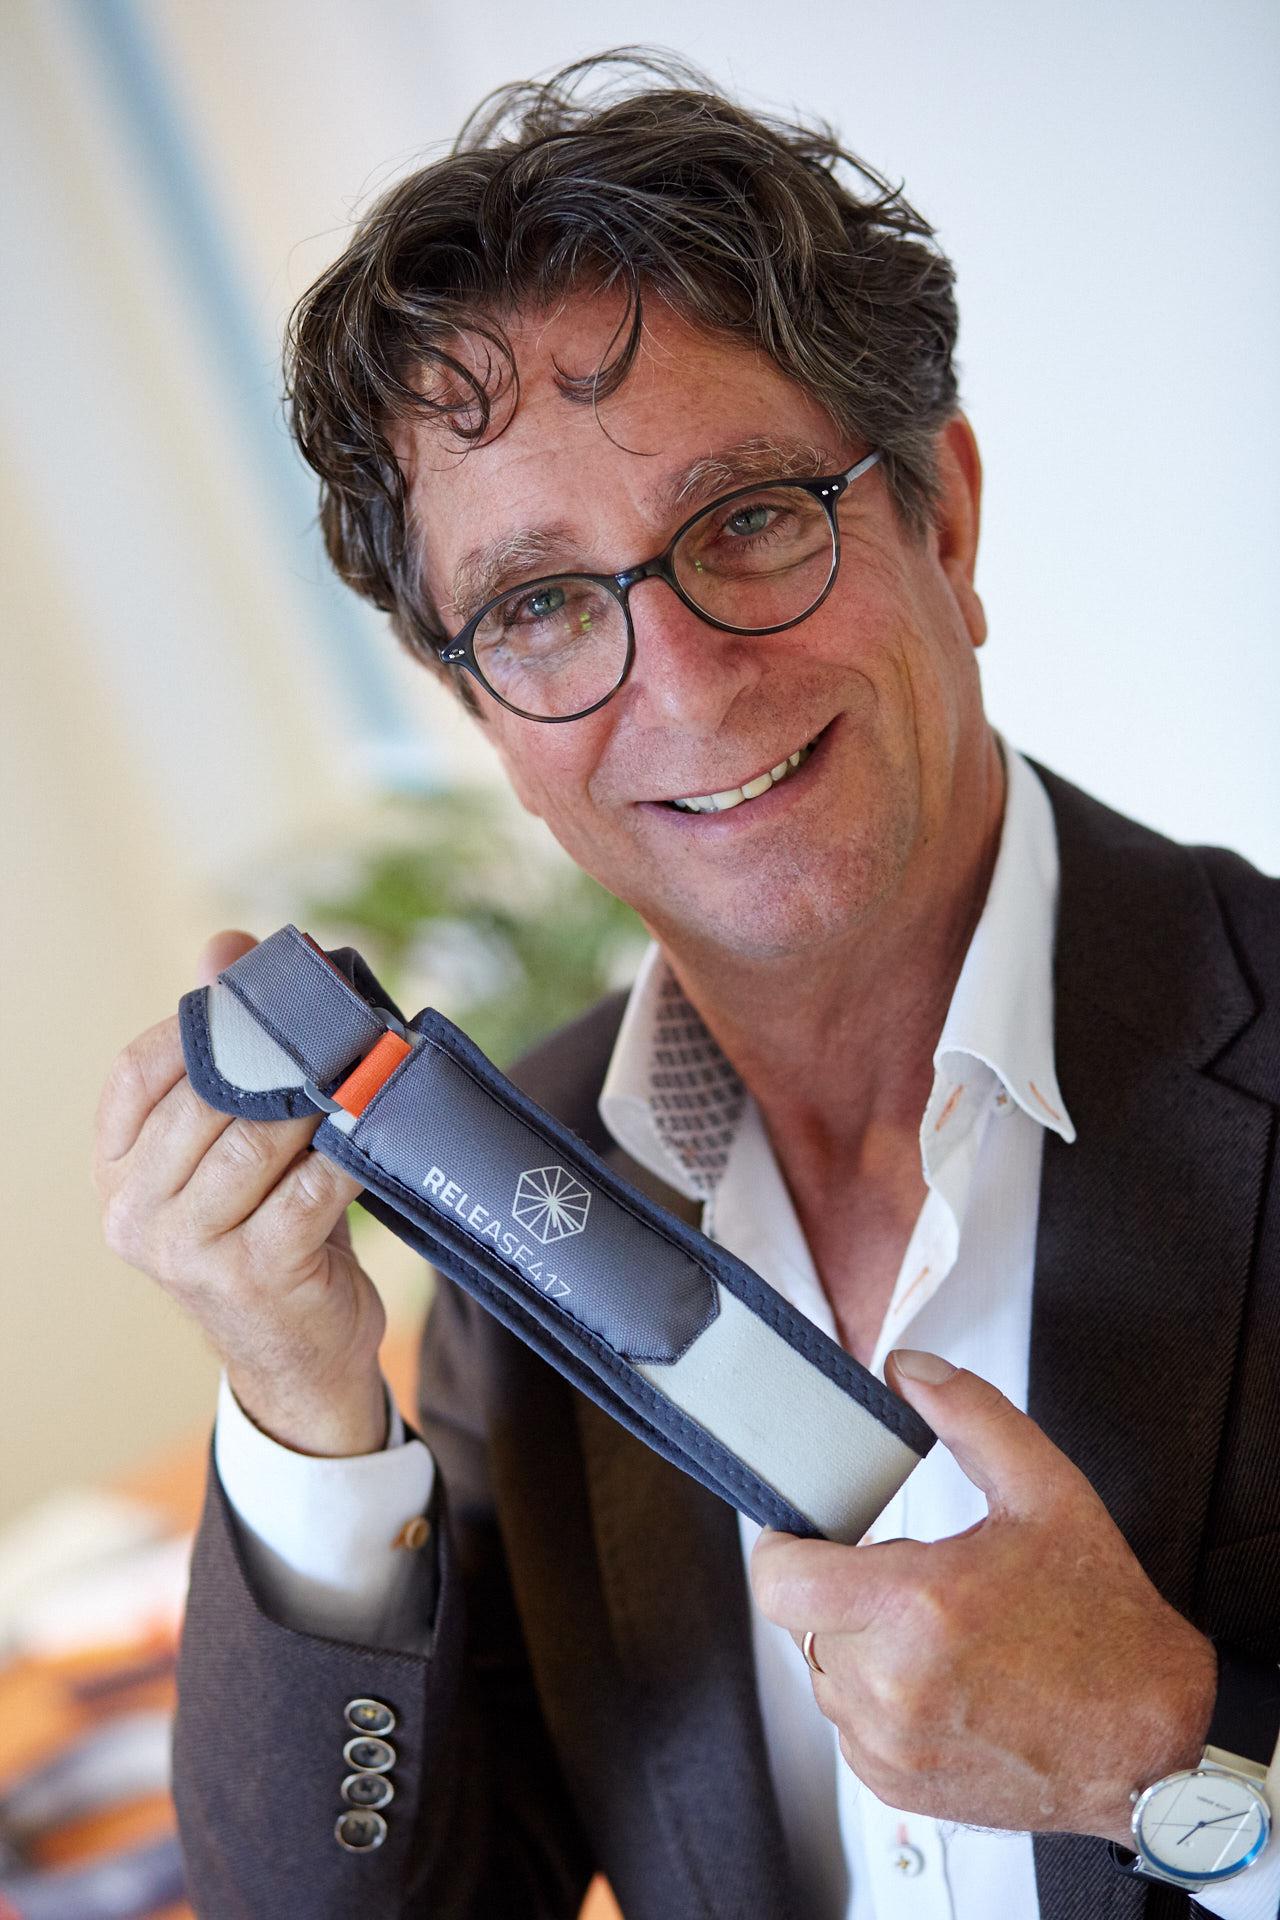 René van Alphen, der Erfinder des Release417. Verbessern Sie sofort die Beschwerden des Restless Legs Syndroms mit dem Release417.